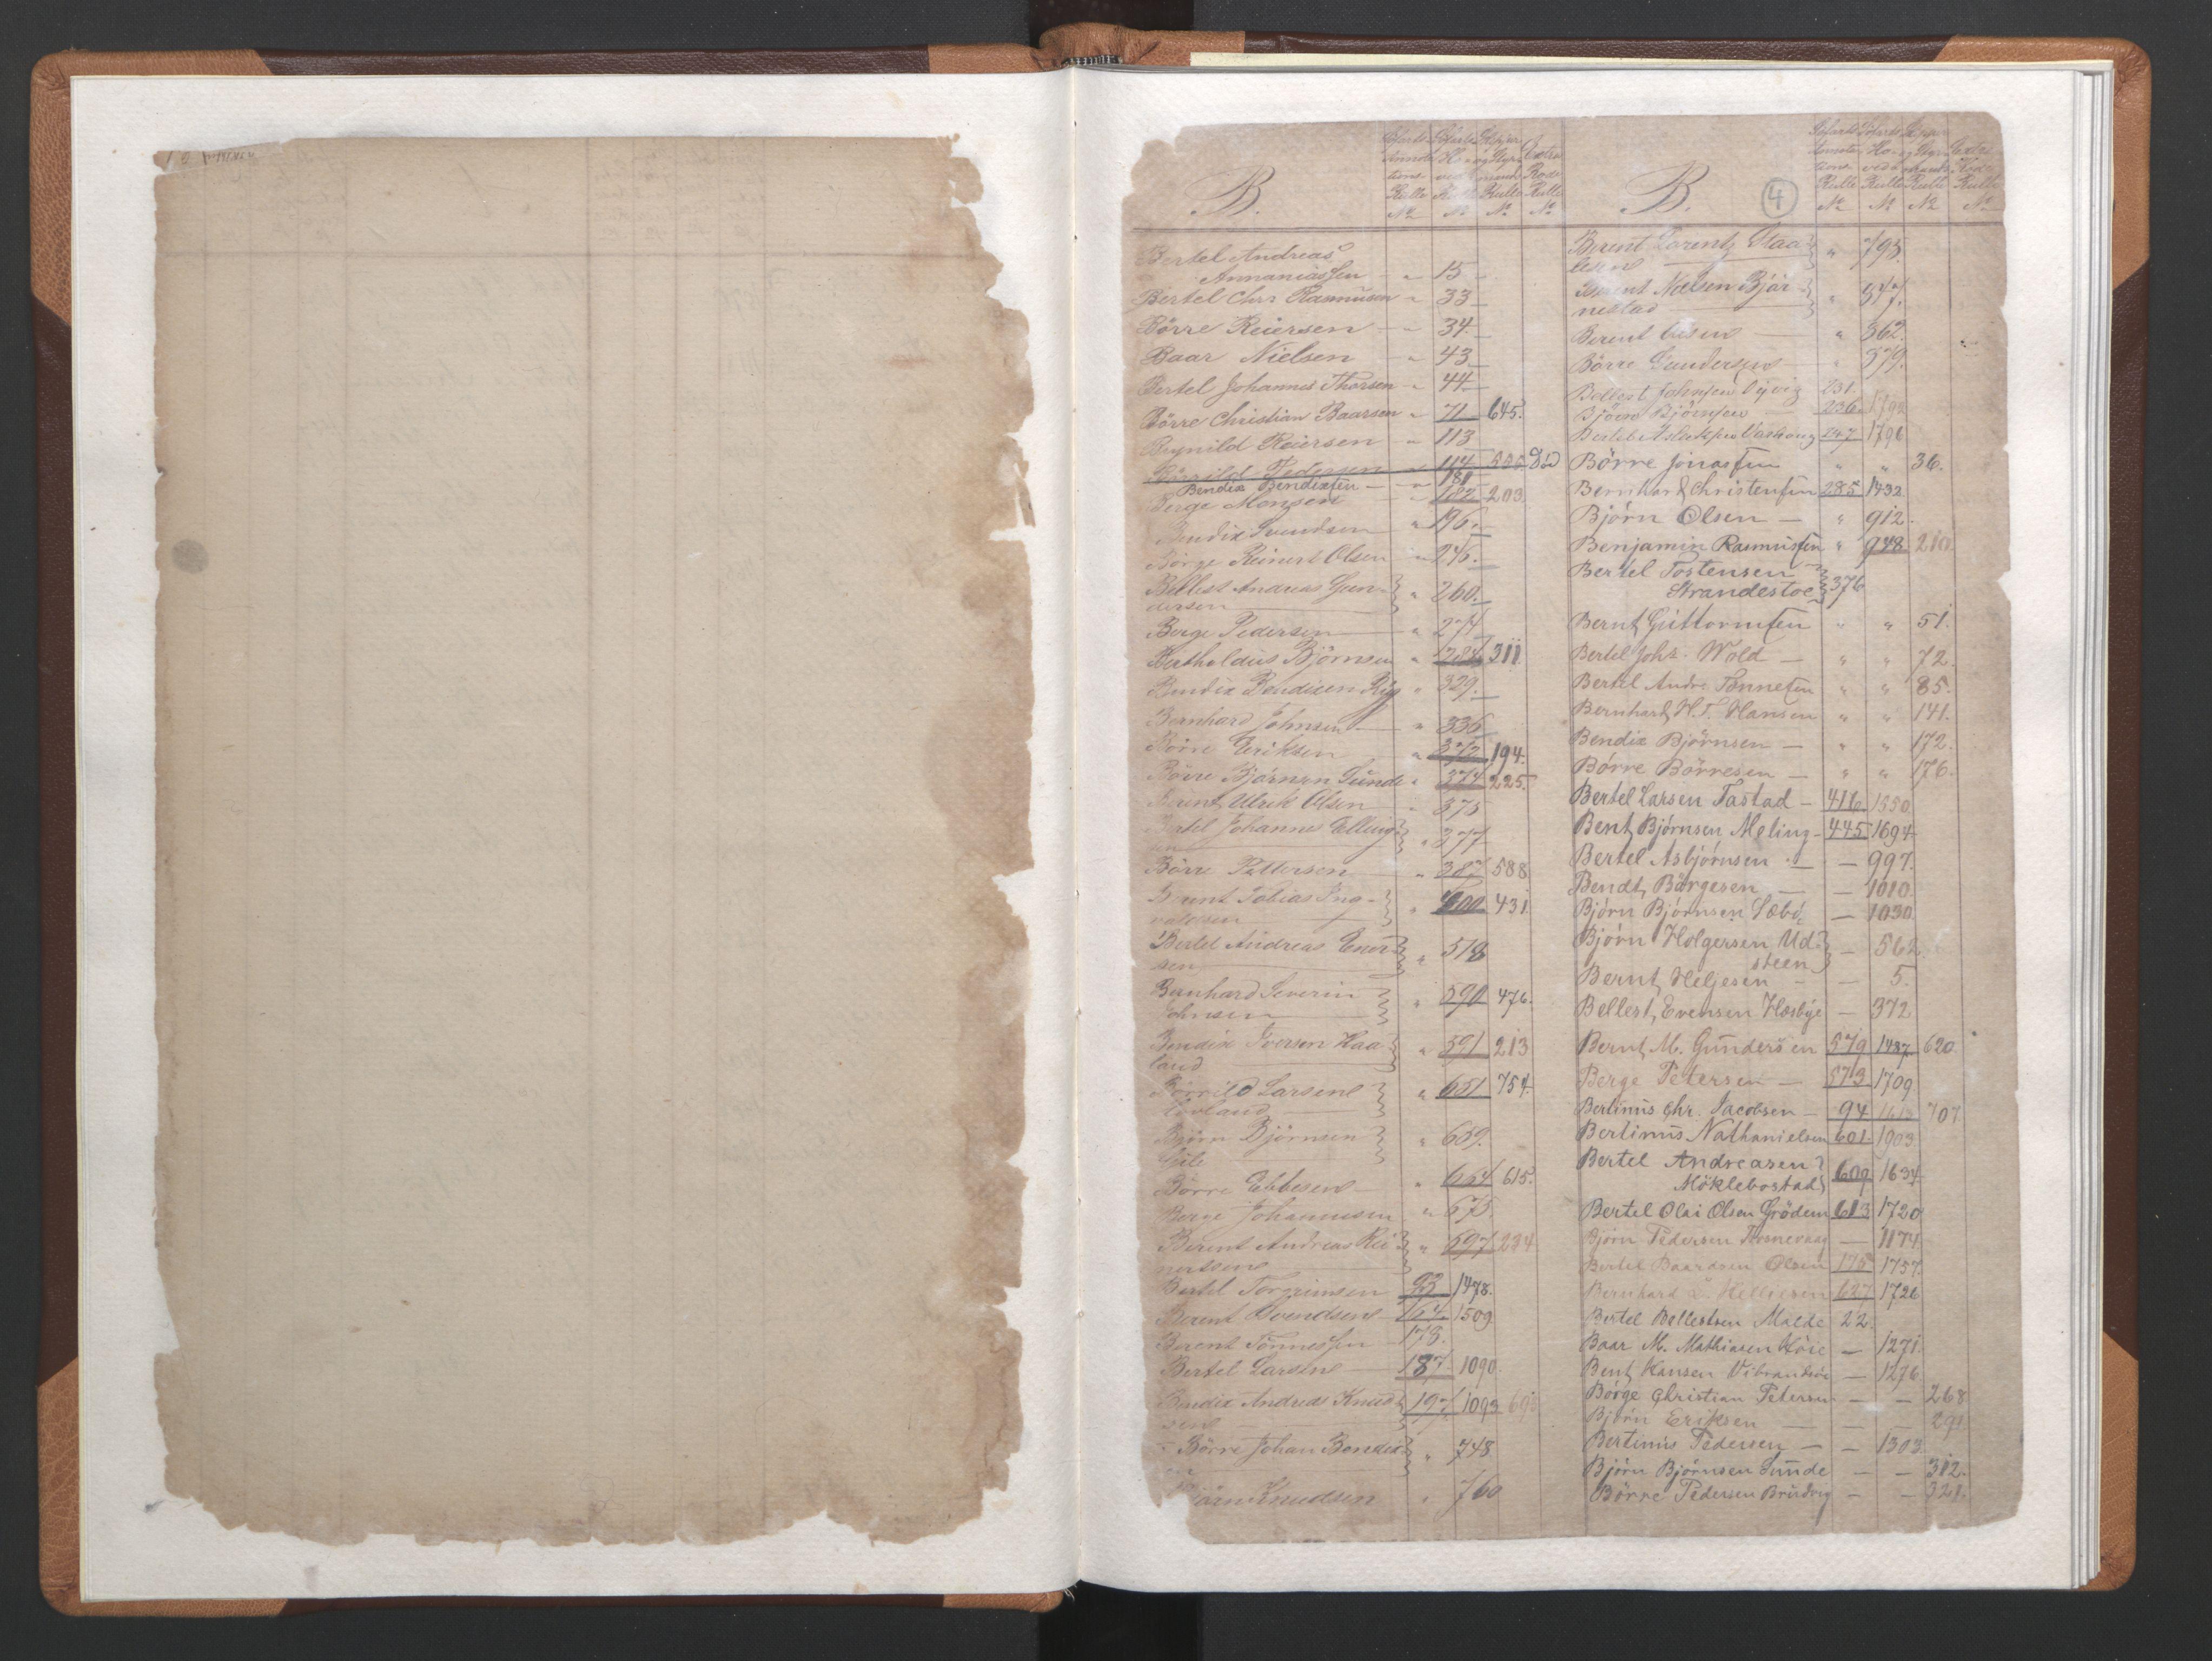 SAST, Stavanger sjømannskontor, F/Fb/Fba/L0002: Navneregister sjøfartsruller, 1860-1869, s. 6